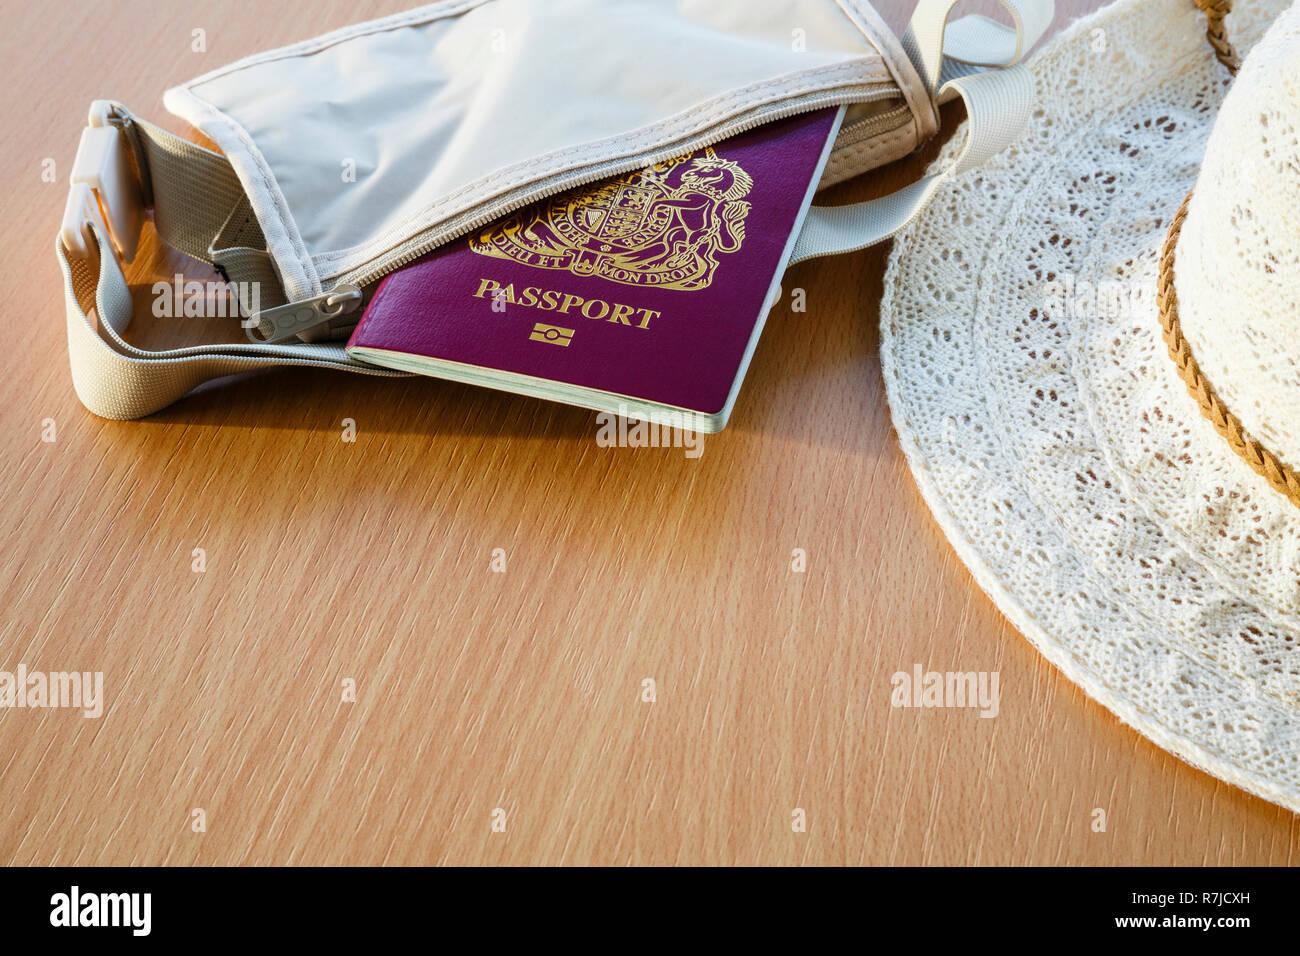 Les choses pour se rendre à l'étranger passeport biométrique britannique dans un portefeuille avec les chapeau sur un dessus de table. En Angleterre, Royaume-Uni, Angleterre Photo Stock